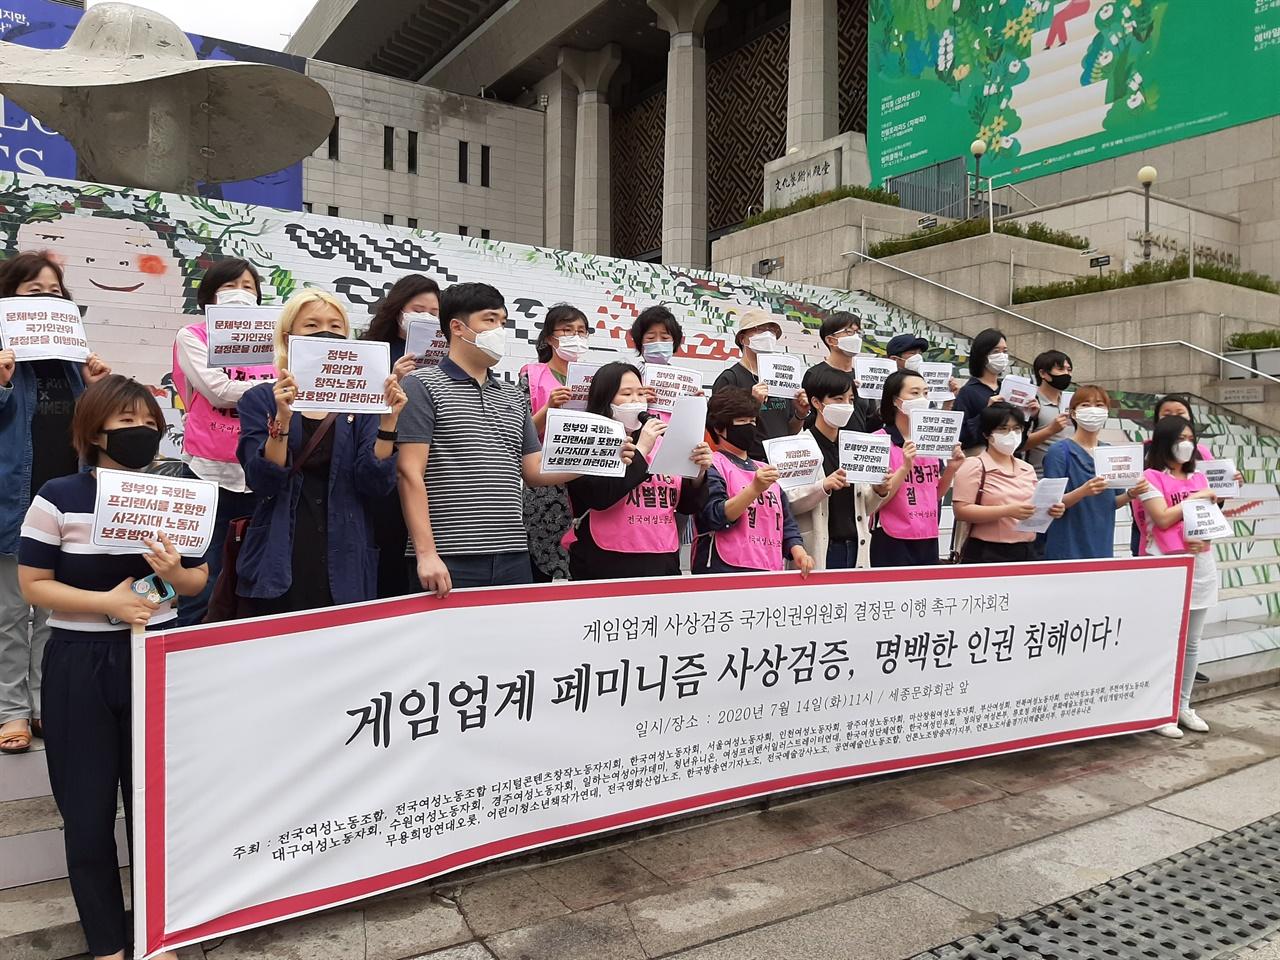 2020년 7월 14일 전국여성노동조합 디지털콘텐츠창작노동자지회 및 노동, 시민단체들이 게임업계 사상검증 국가인권위원회 결정문 이행을 촉구하는 기자회견을 진행하였다.